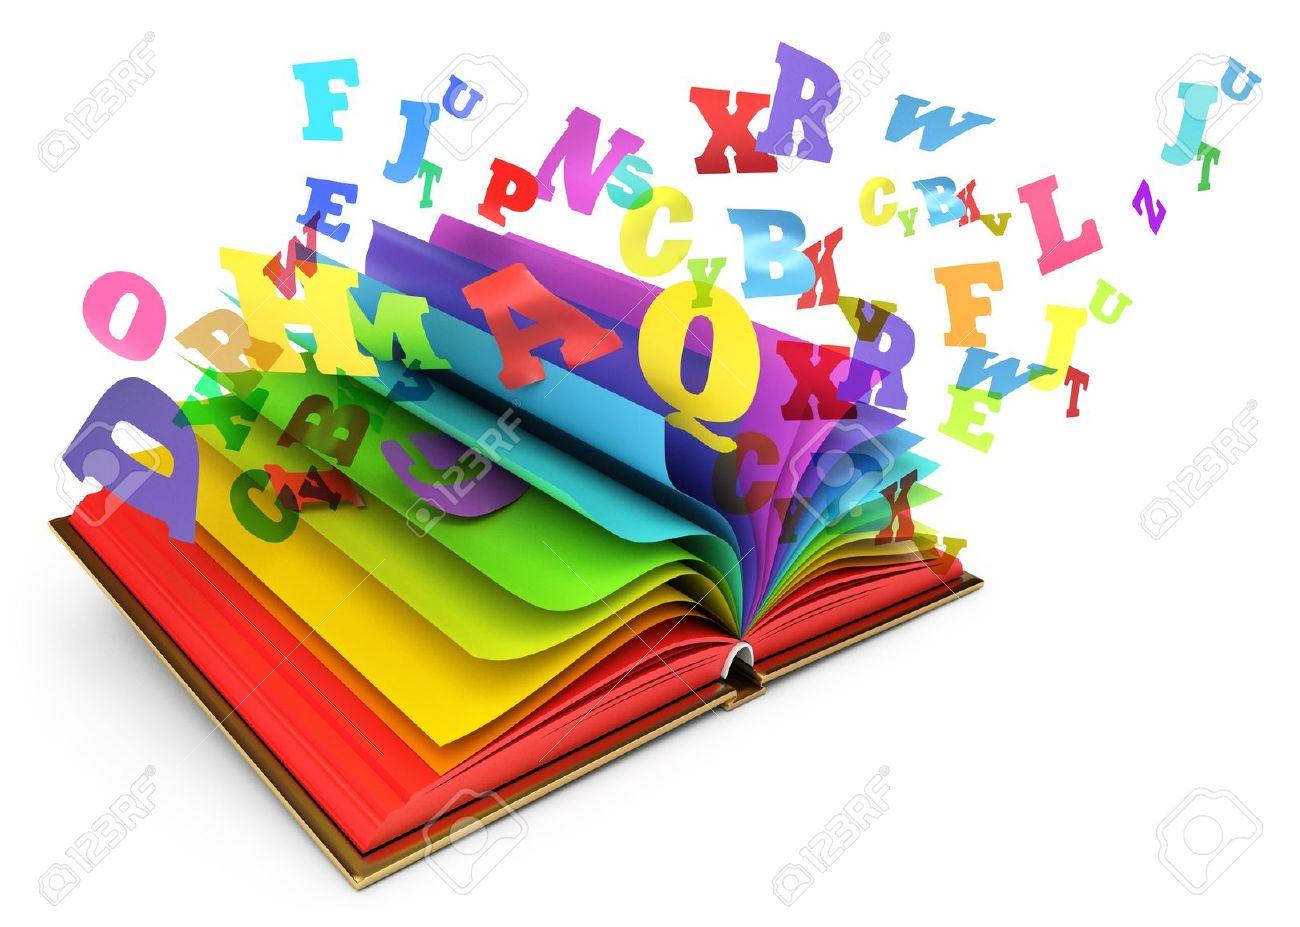 17049601-Lettres-de-vol-partir-d-un-livre-ouvert-un-livre-magique-conte-Banque-dimages